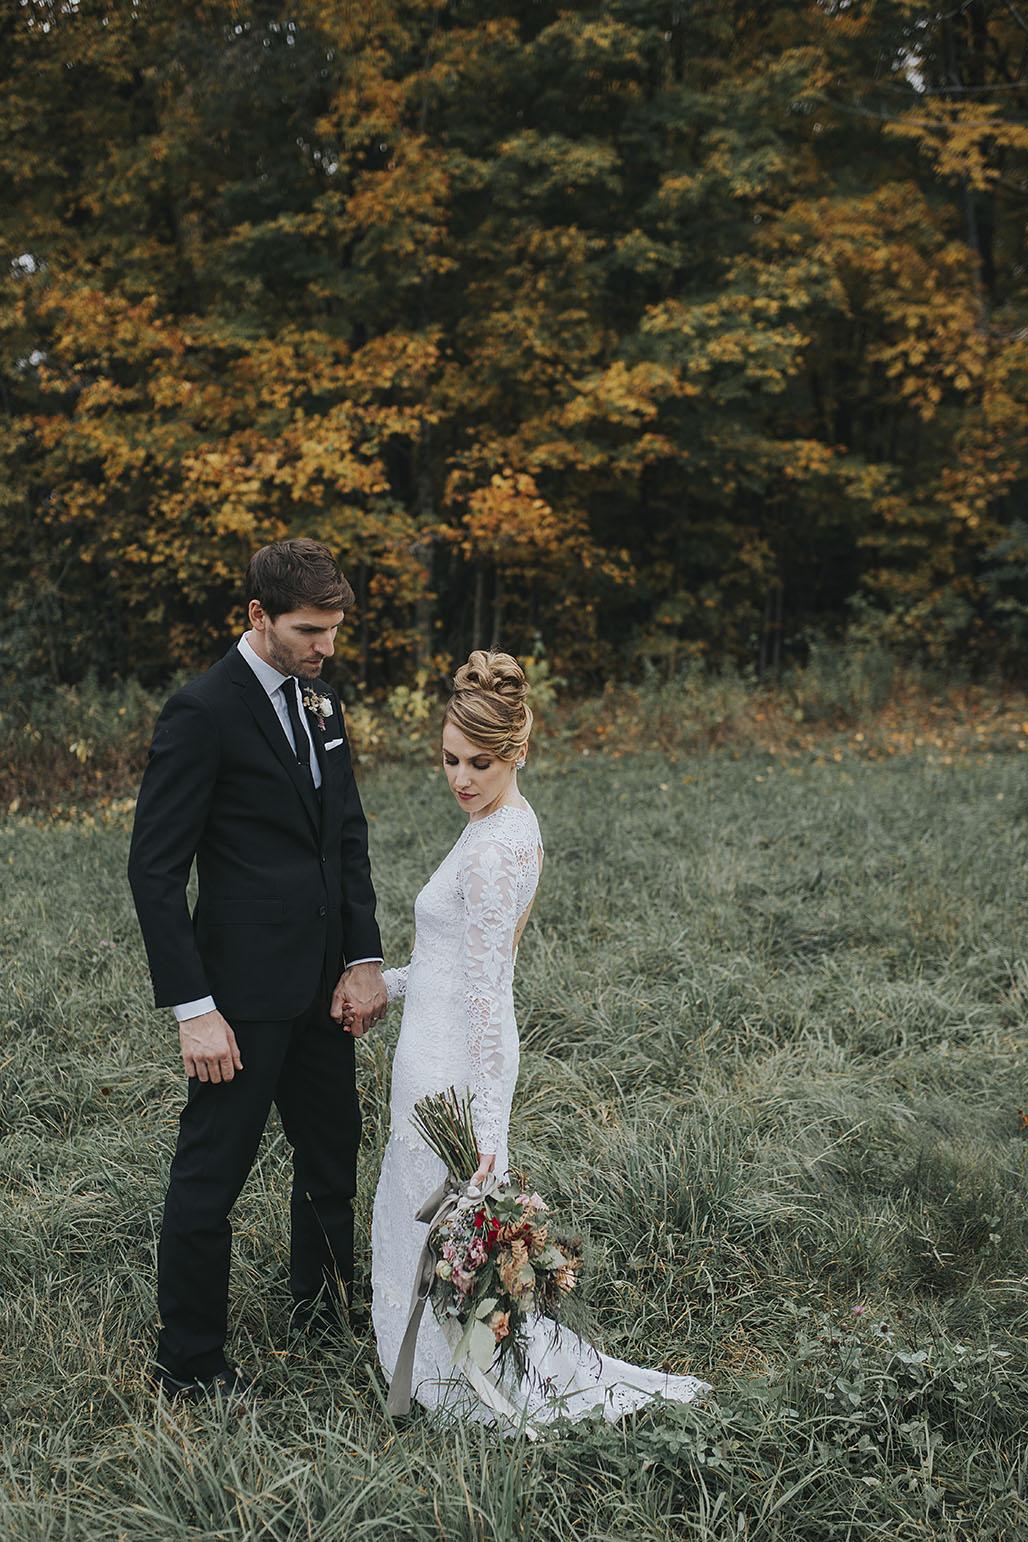 Vermont weddings couples